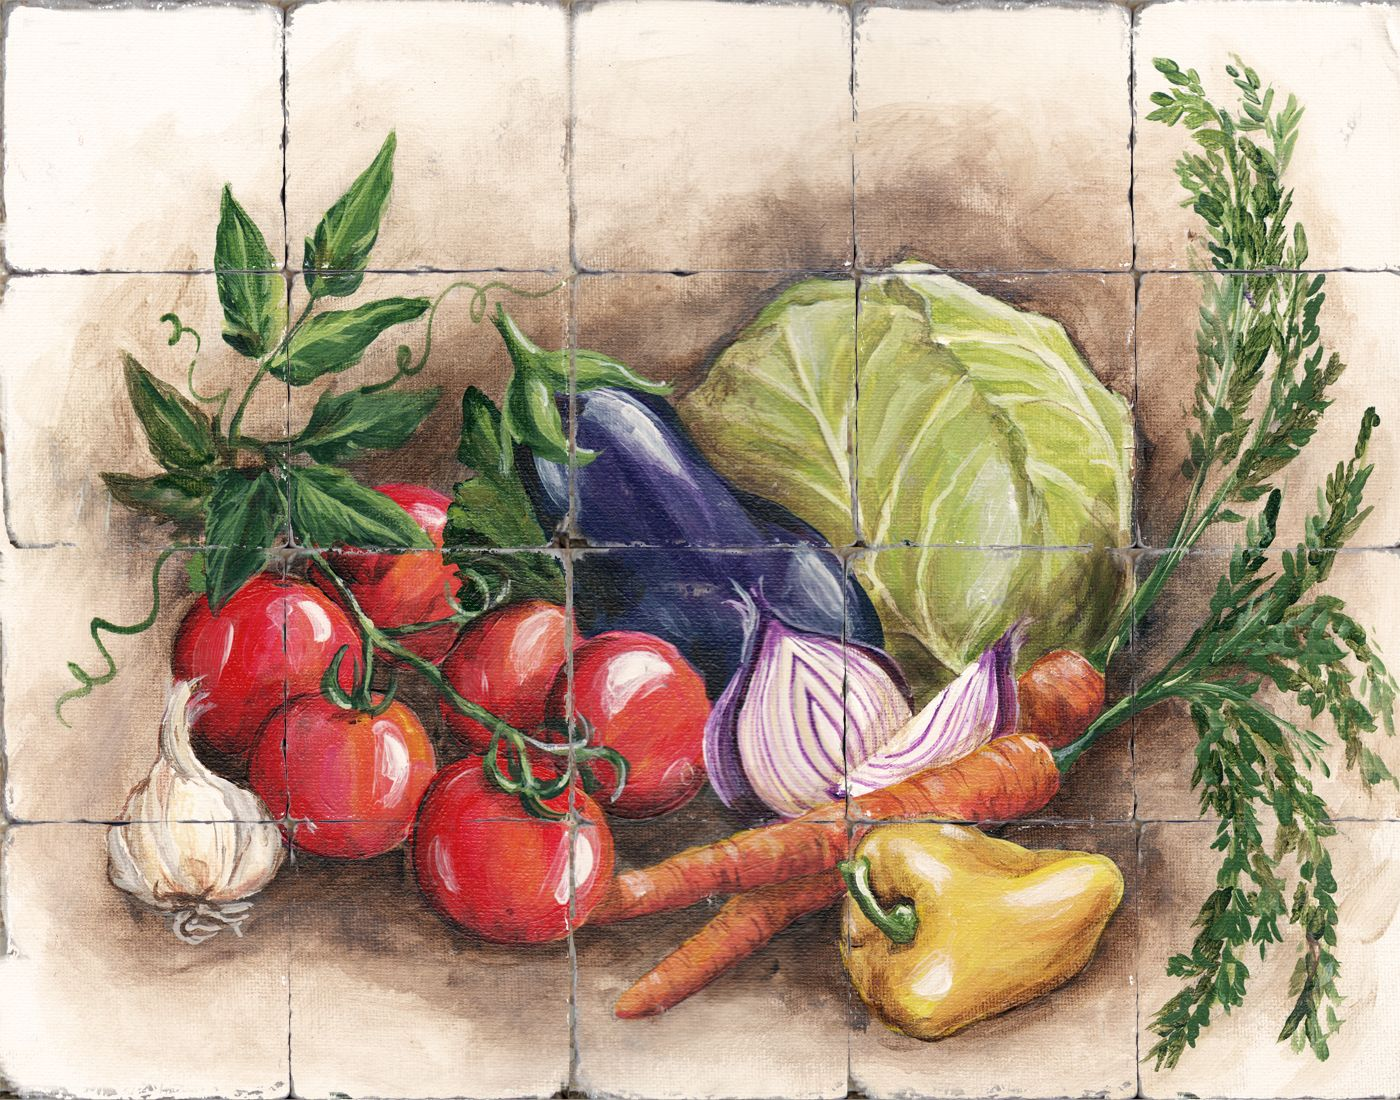 tuscany vegetable decor tre sorelle u0027s art licensing program